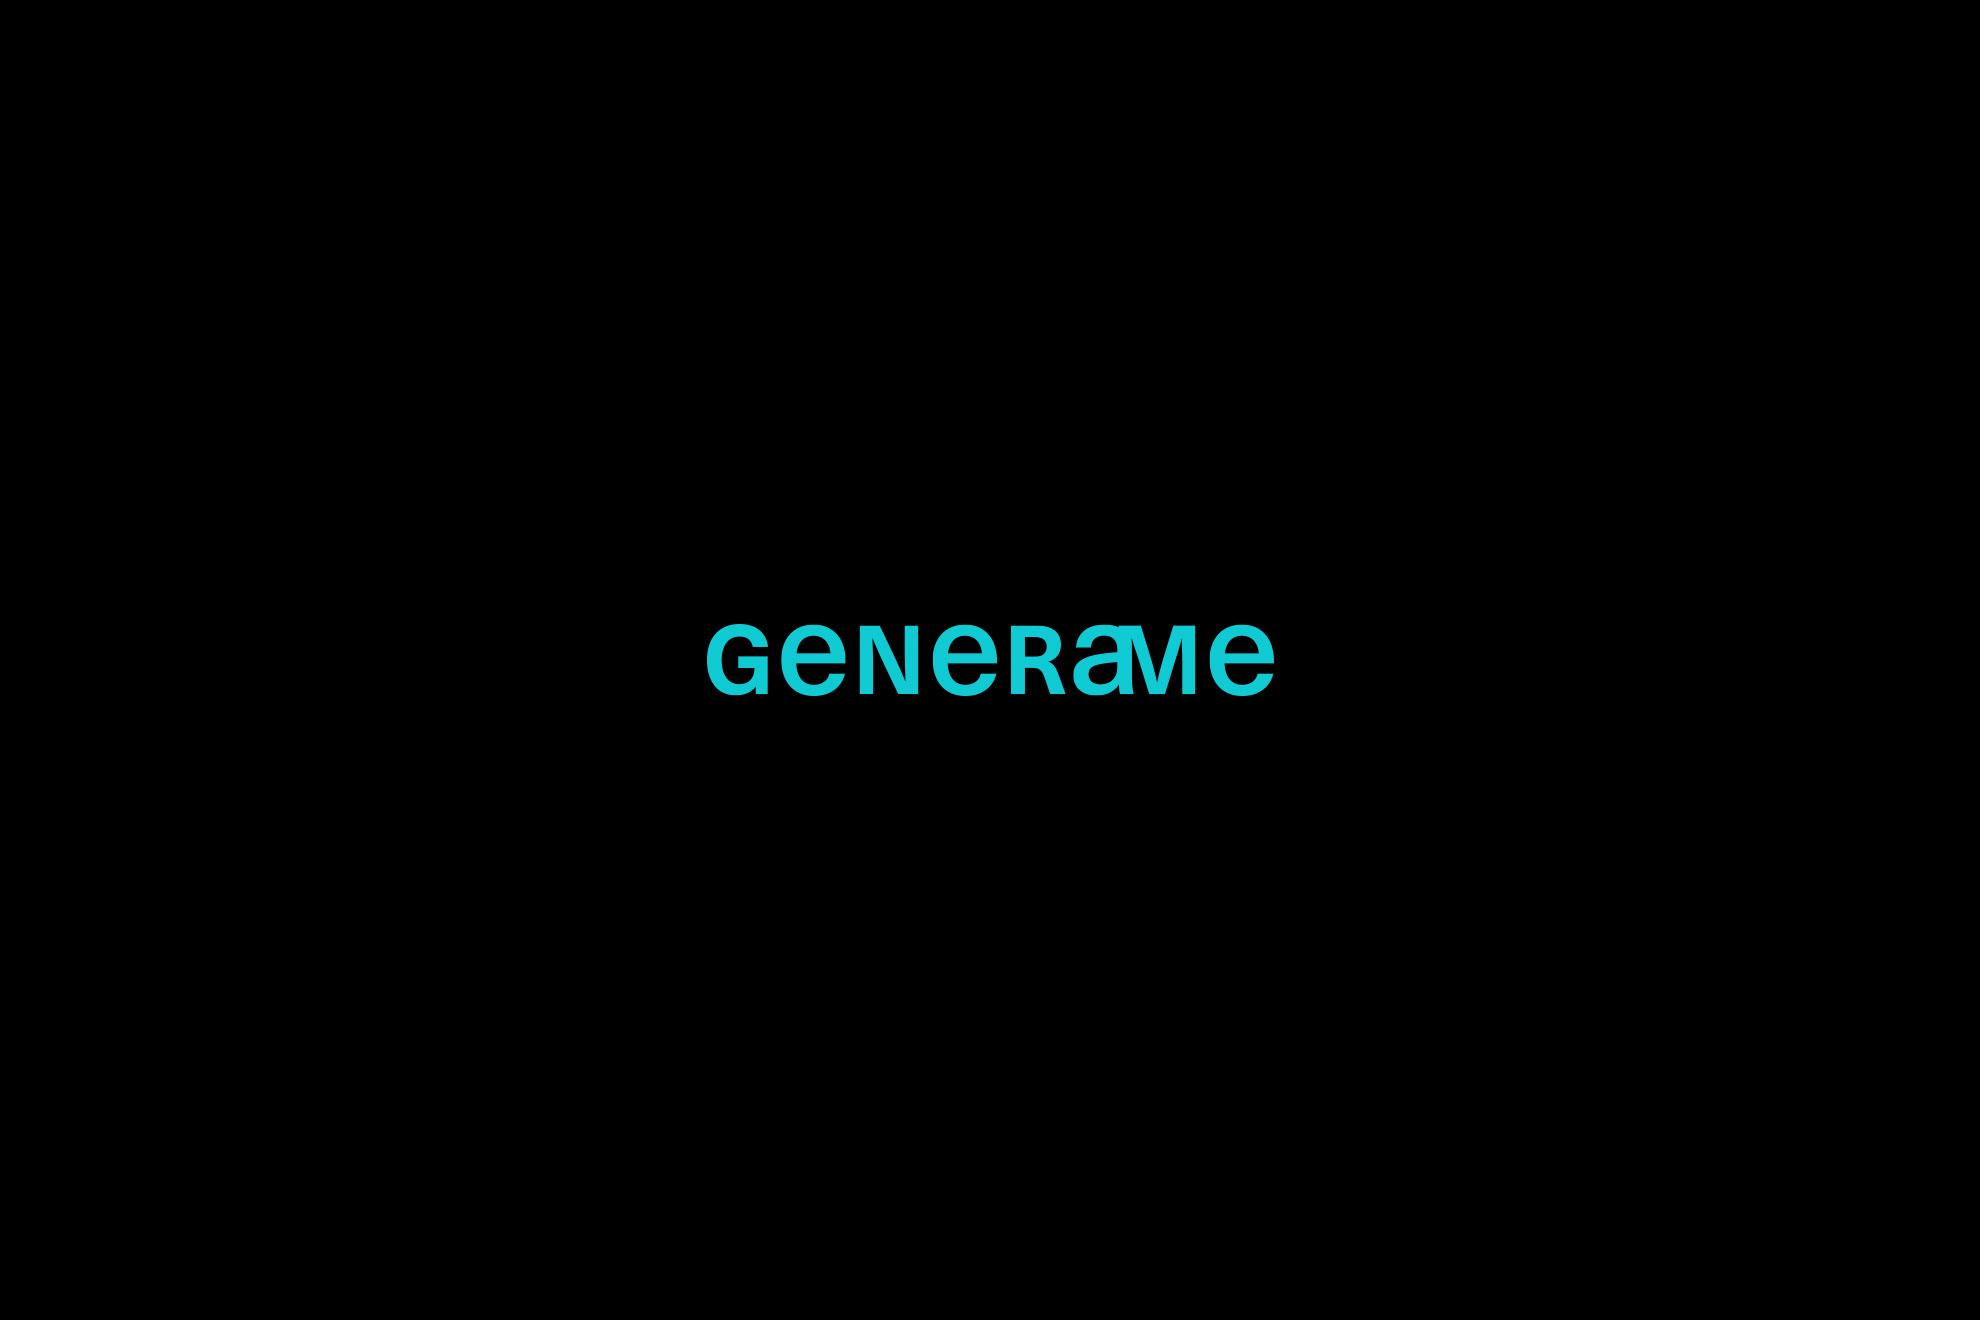 Generame_logo